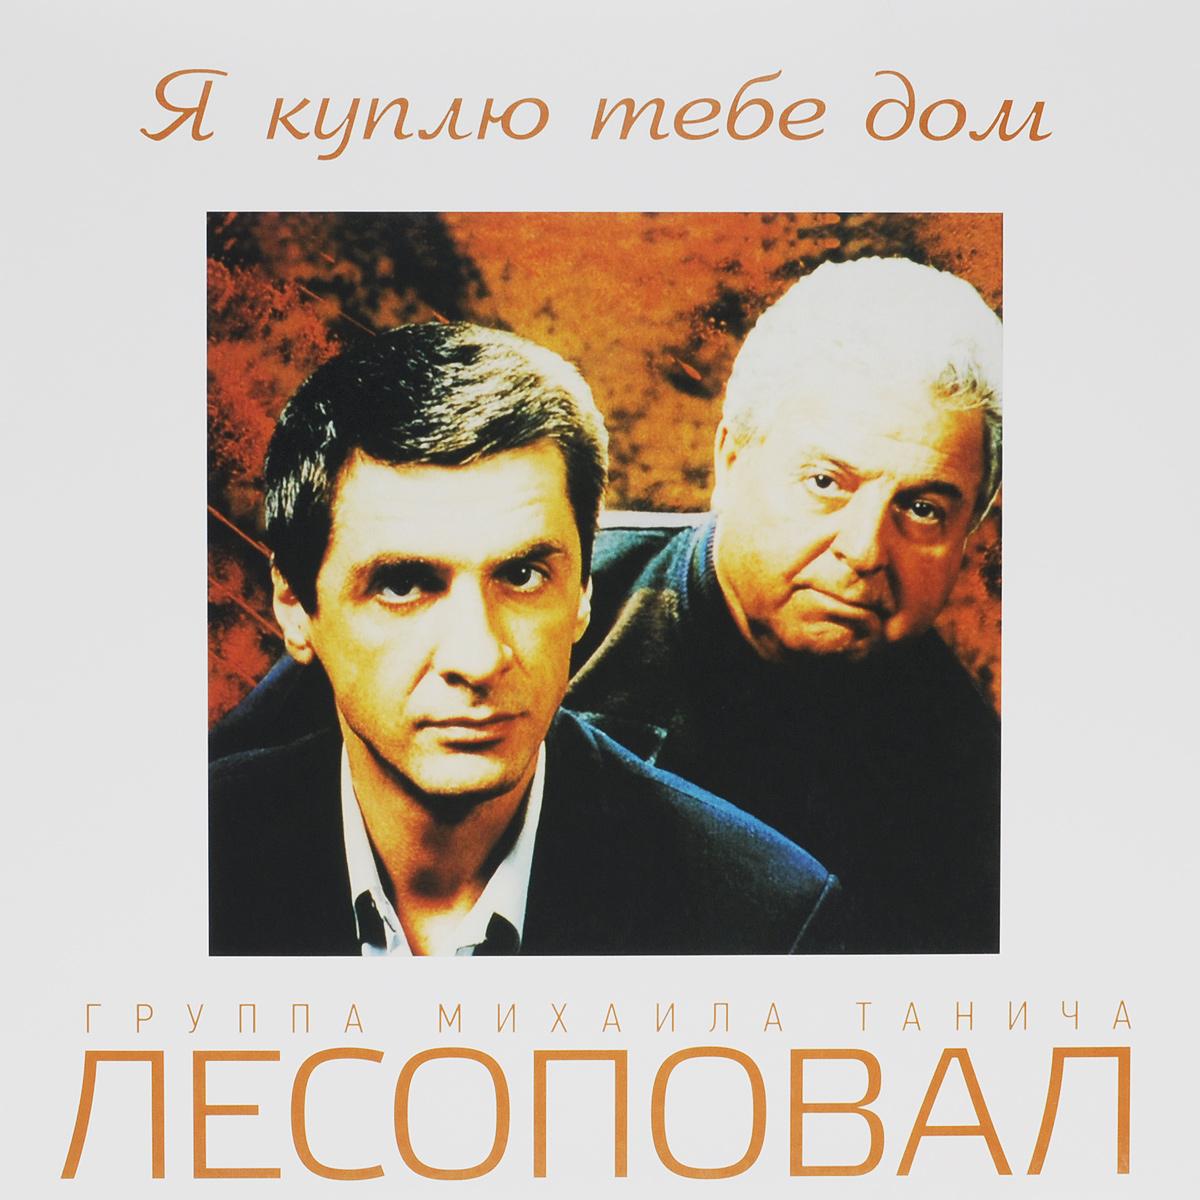 Лесоповал Группа Михаила Танича Лесоповал. Я куплю тебе дом (LP) гордина е я куплю тебе новую жизнь